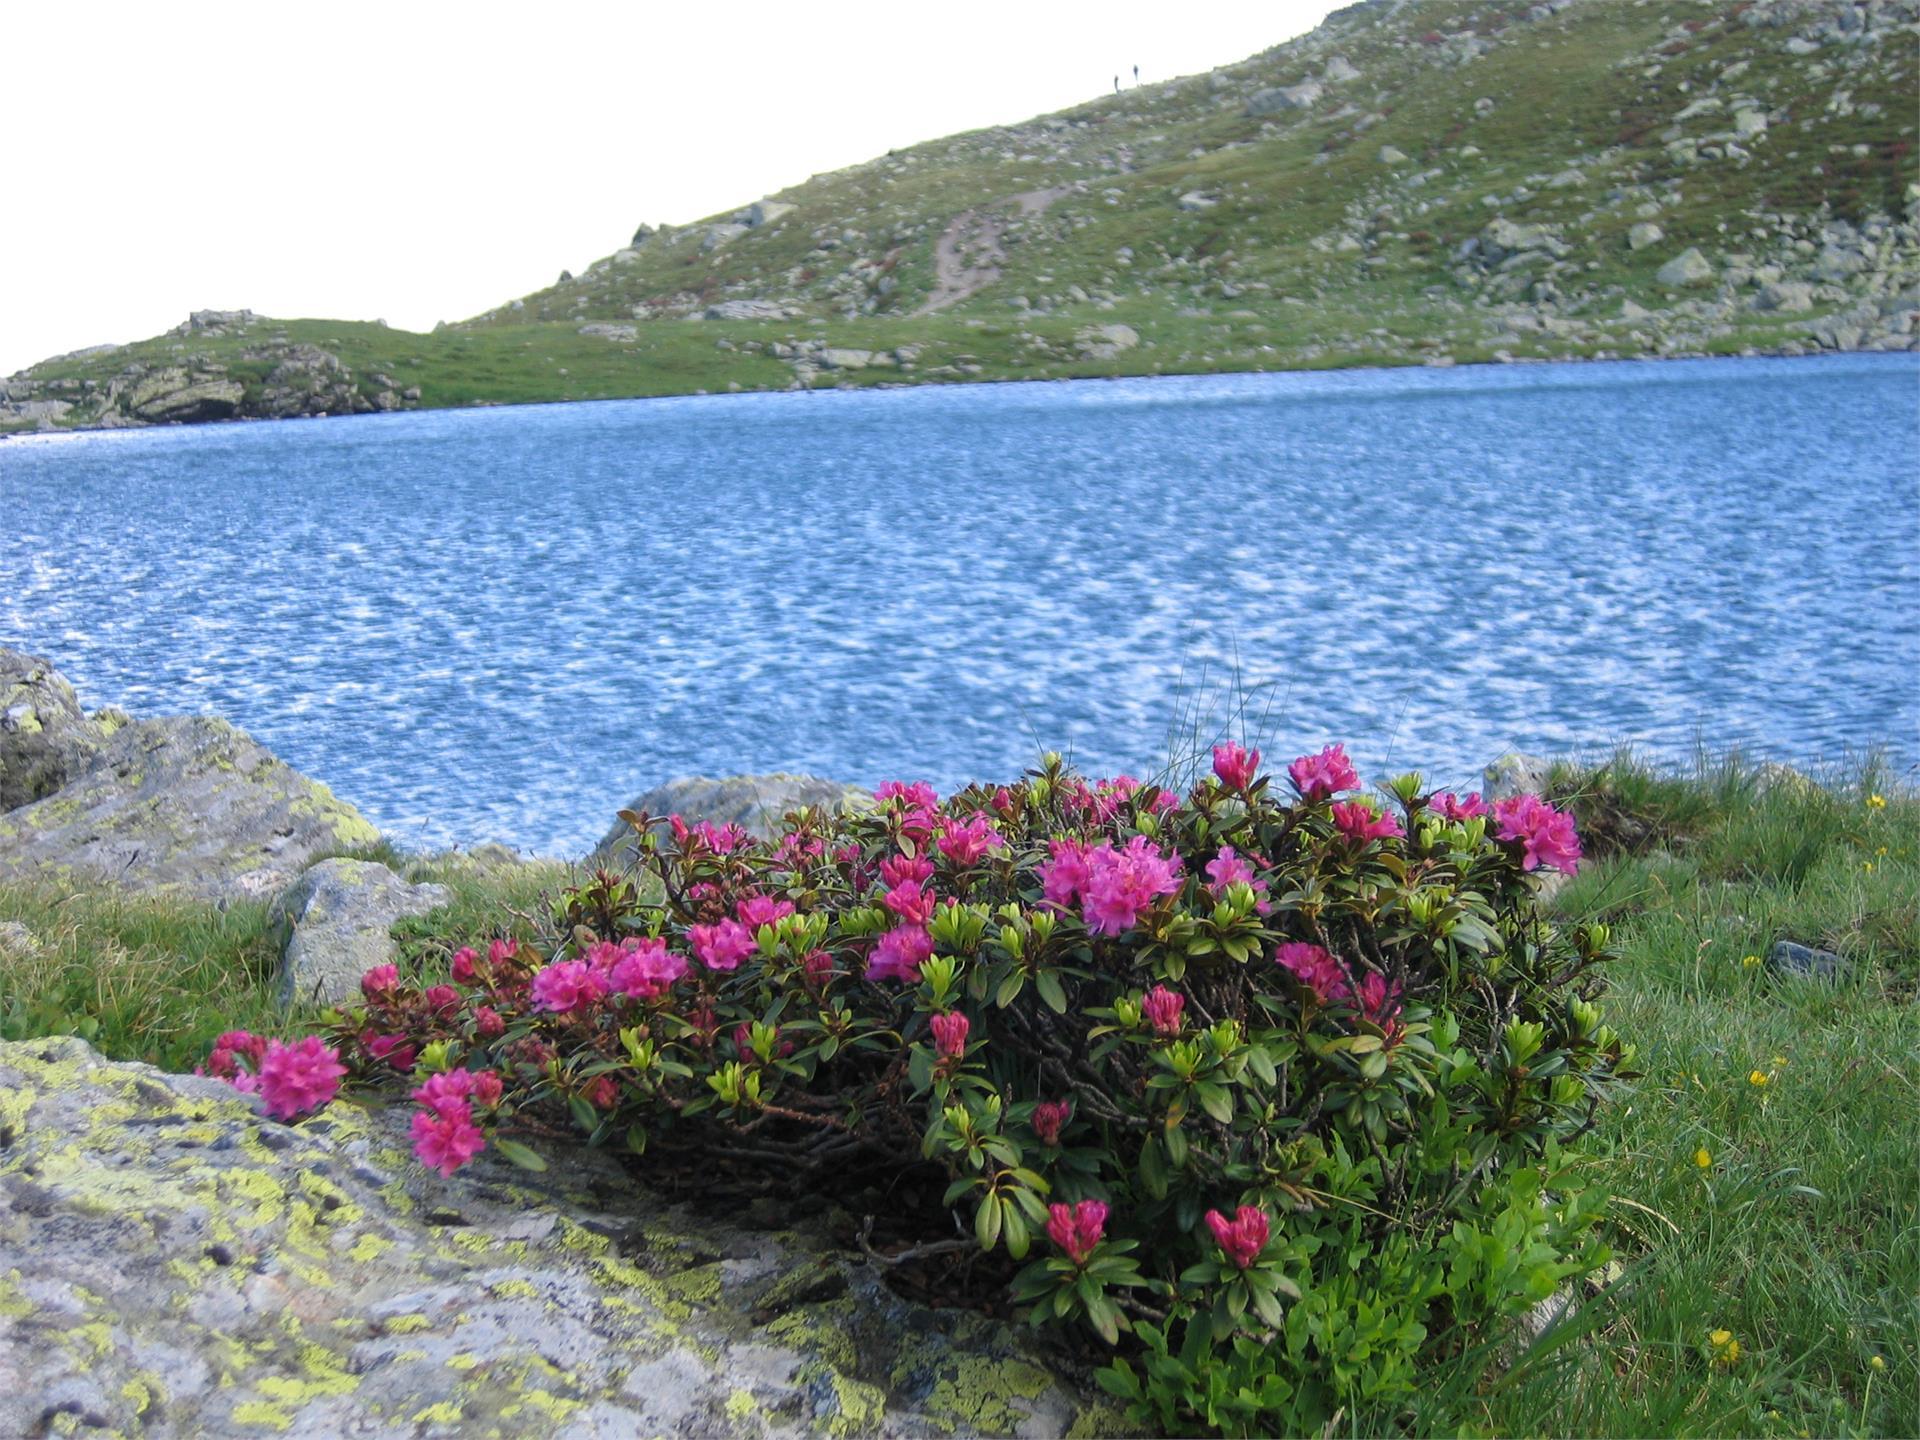 Escursione guidata alla baita Brugger Schupfe e al Lago di Rodella/Geführte Bergwanderung zur Brugger Schupfe und zum Radlsee